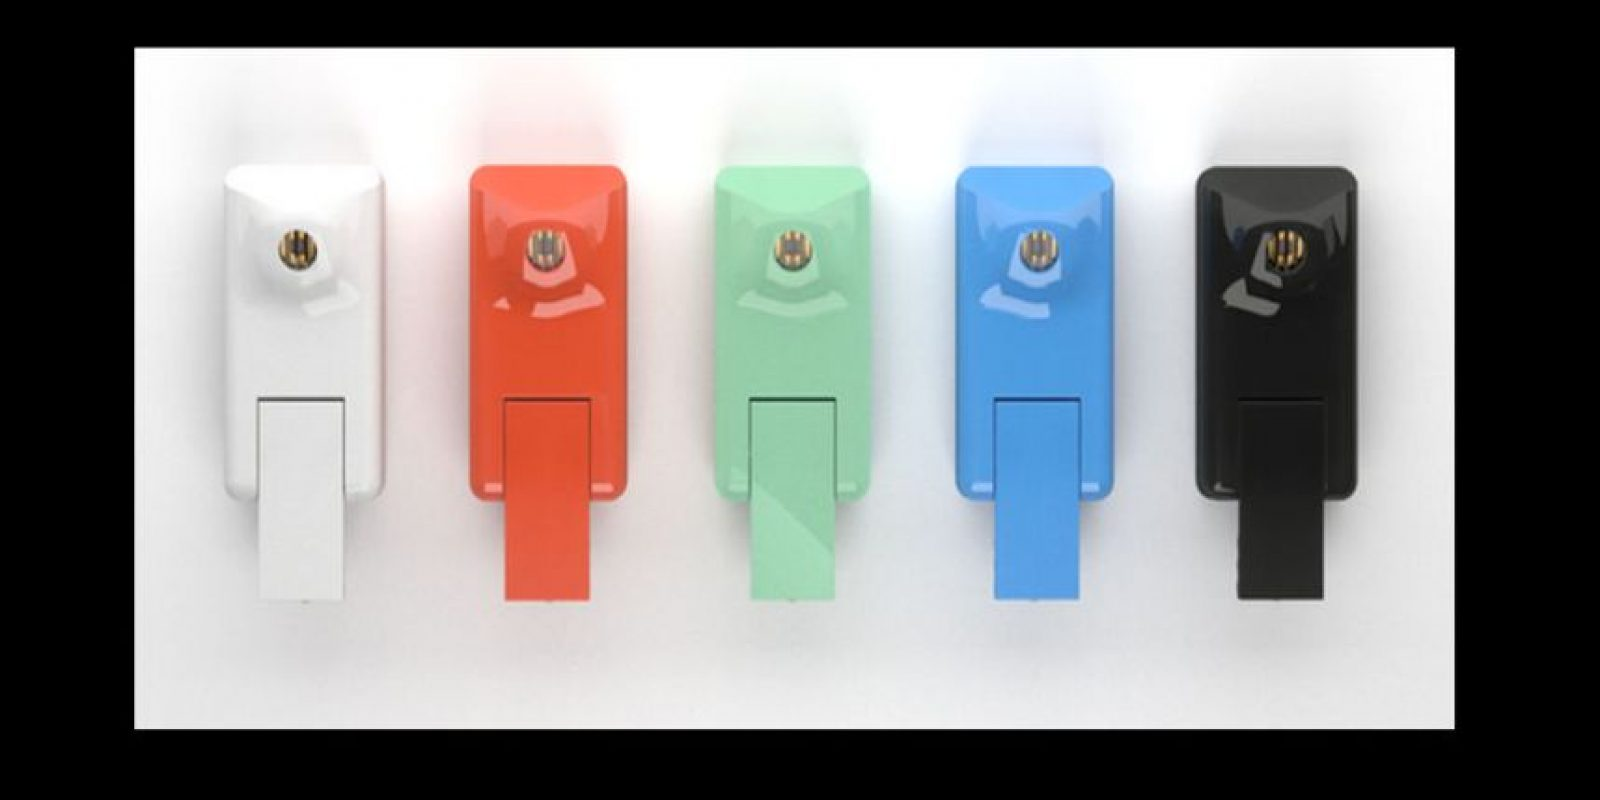 Lo pueden pedir en distintos colores Foto:Matter And Form Inc.